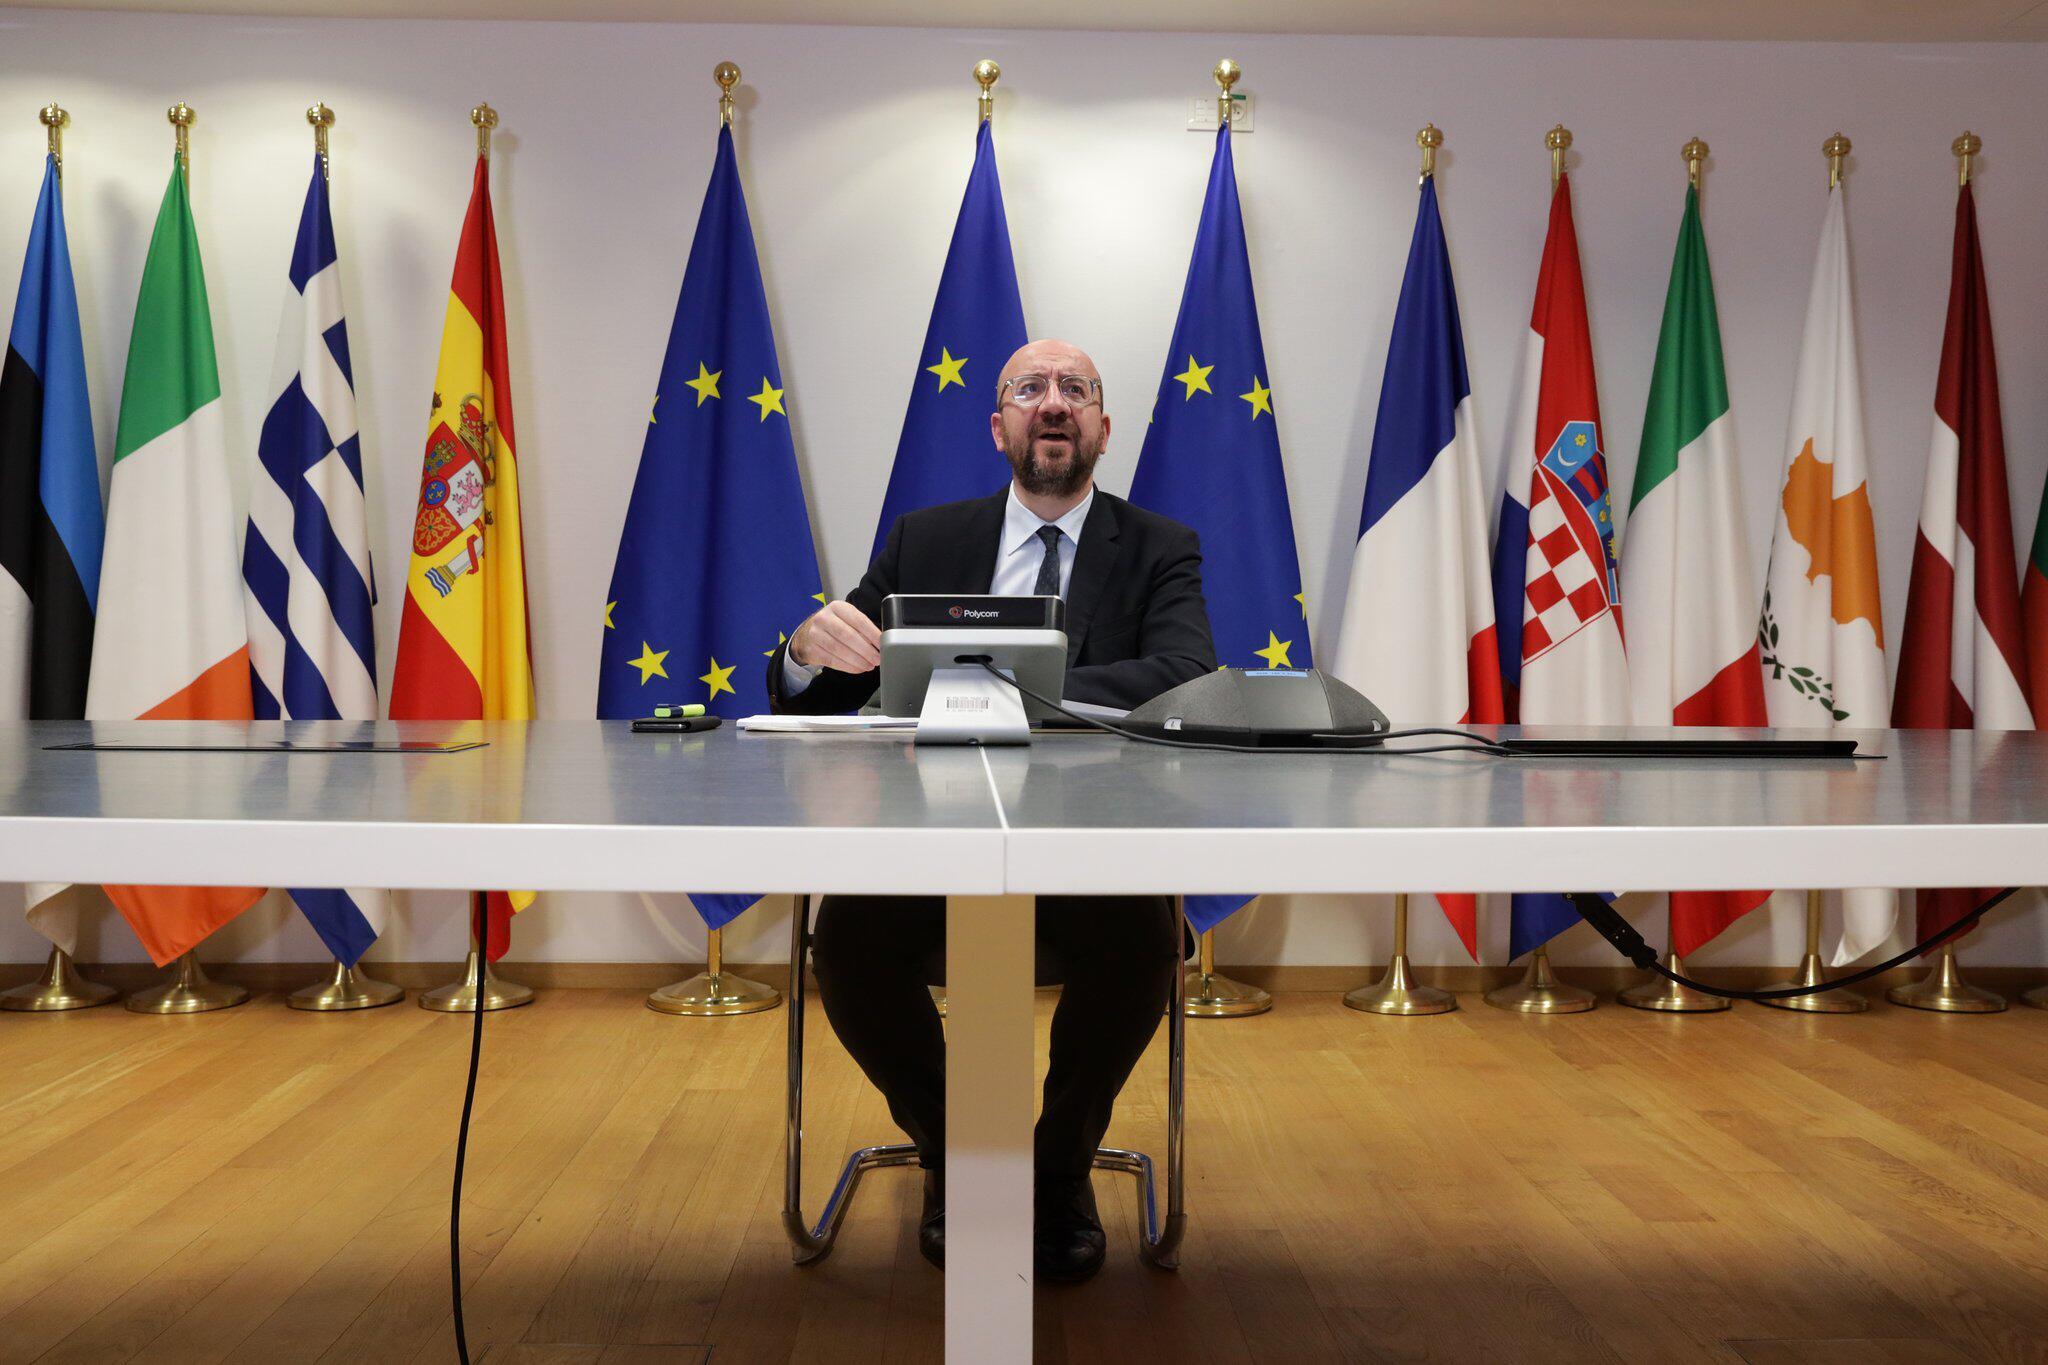 Bild zu EU-Staaten einigen sich im Kampf gegen Coronavirus